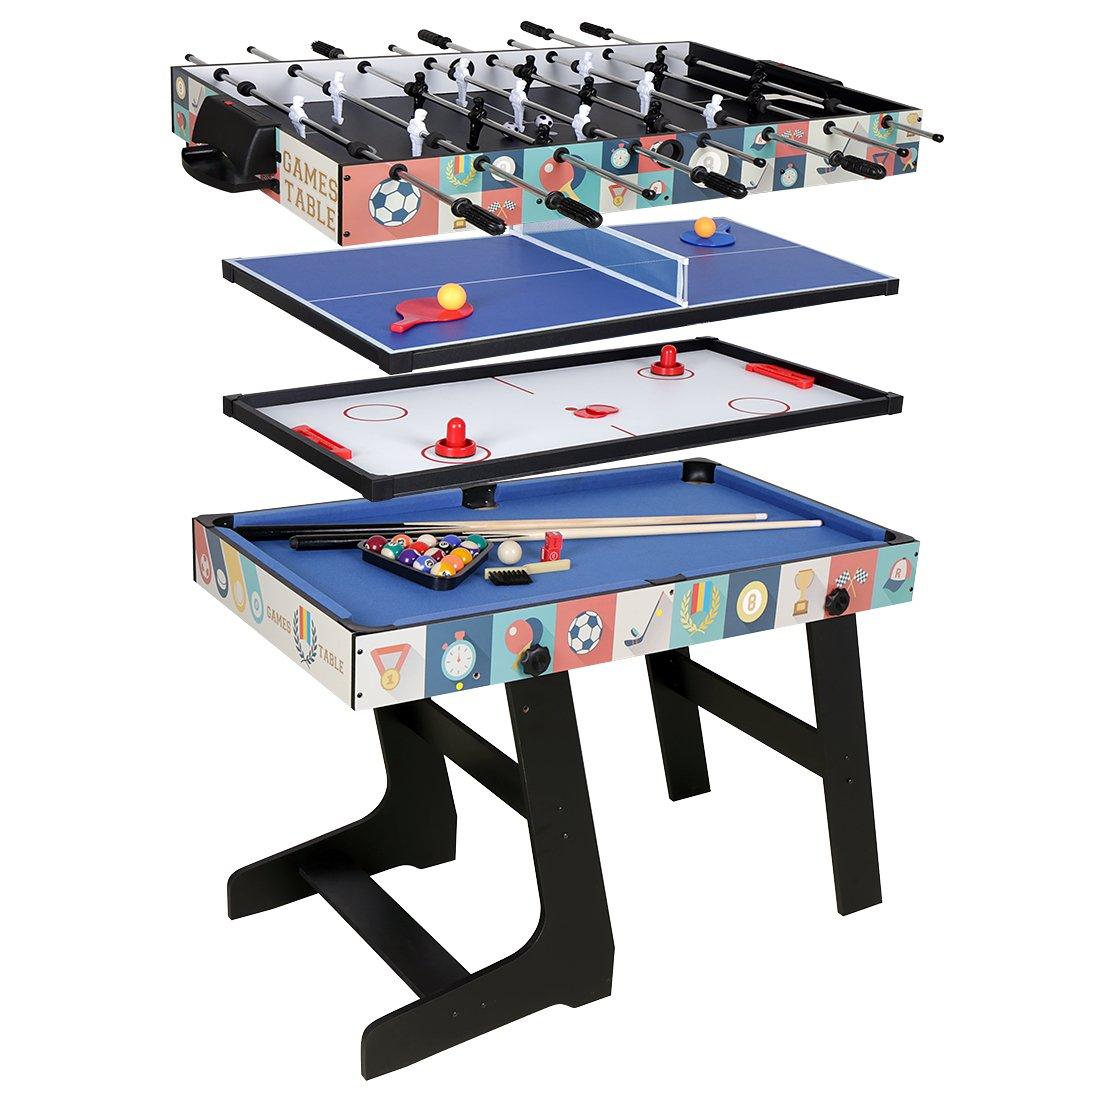 HLC Mesa multijuegos 4 en 1, mesa de billar, tenis de mesa, hockey y futbolín, con patas plegables